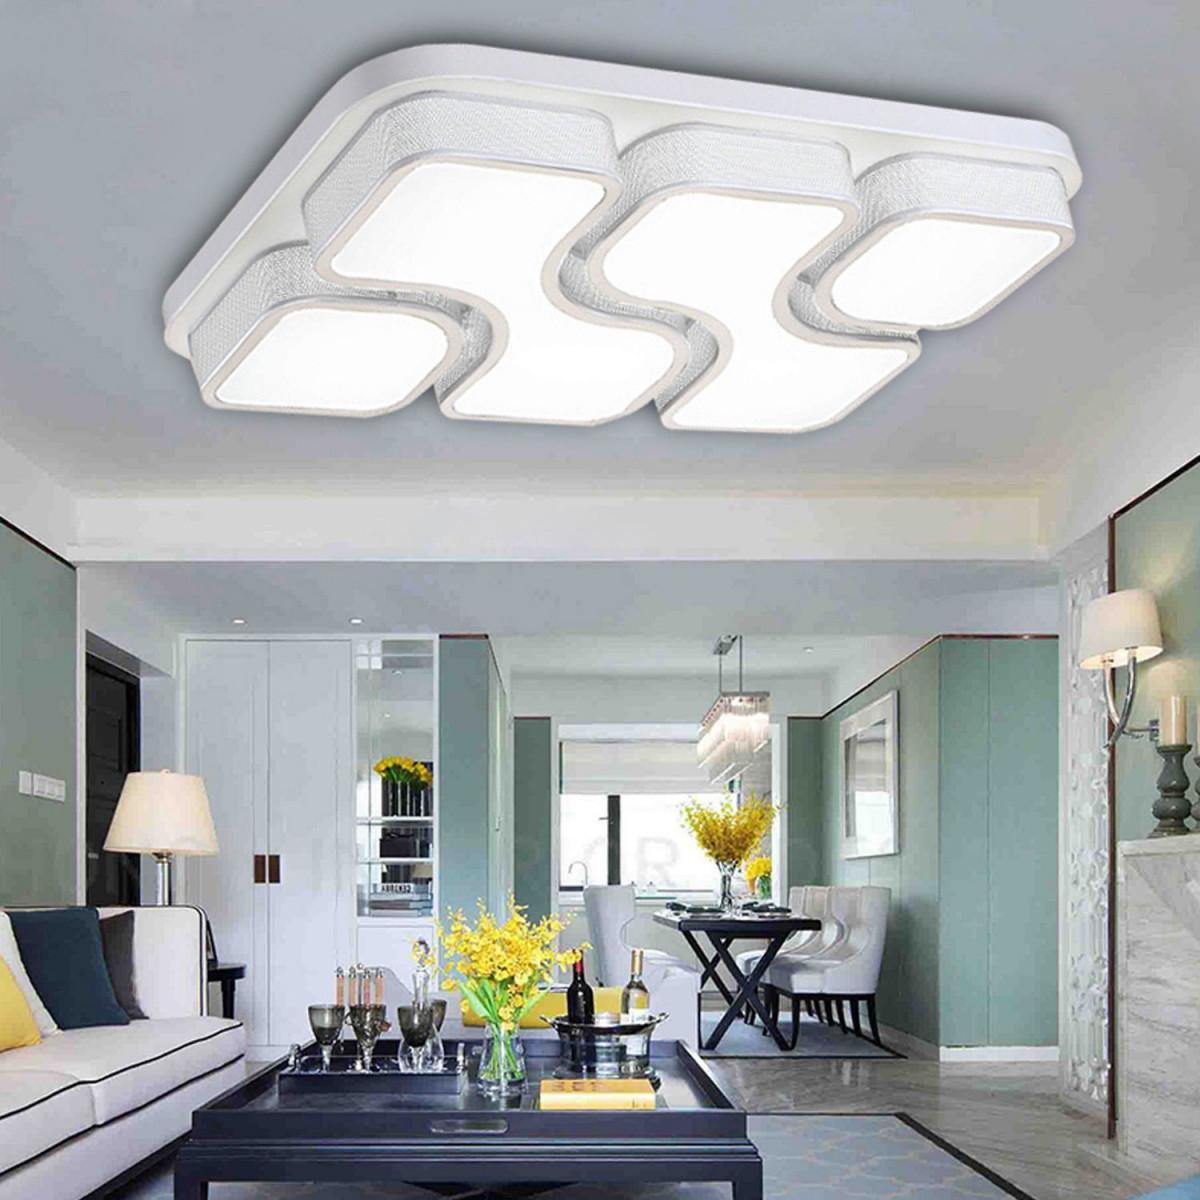 Etime 64W Design Led Deckenlampe Deckenleuchte von Wohnzimmer Lampe Weiß Photo